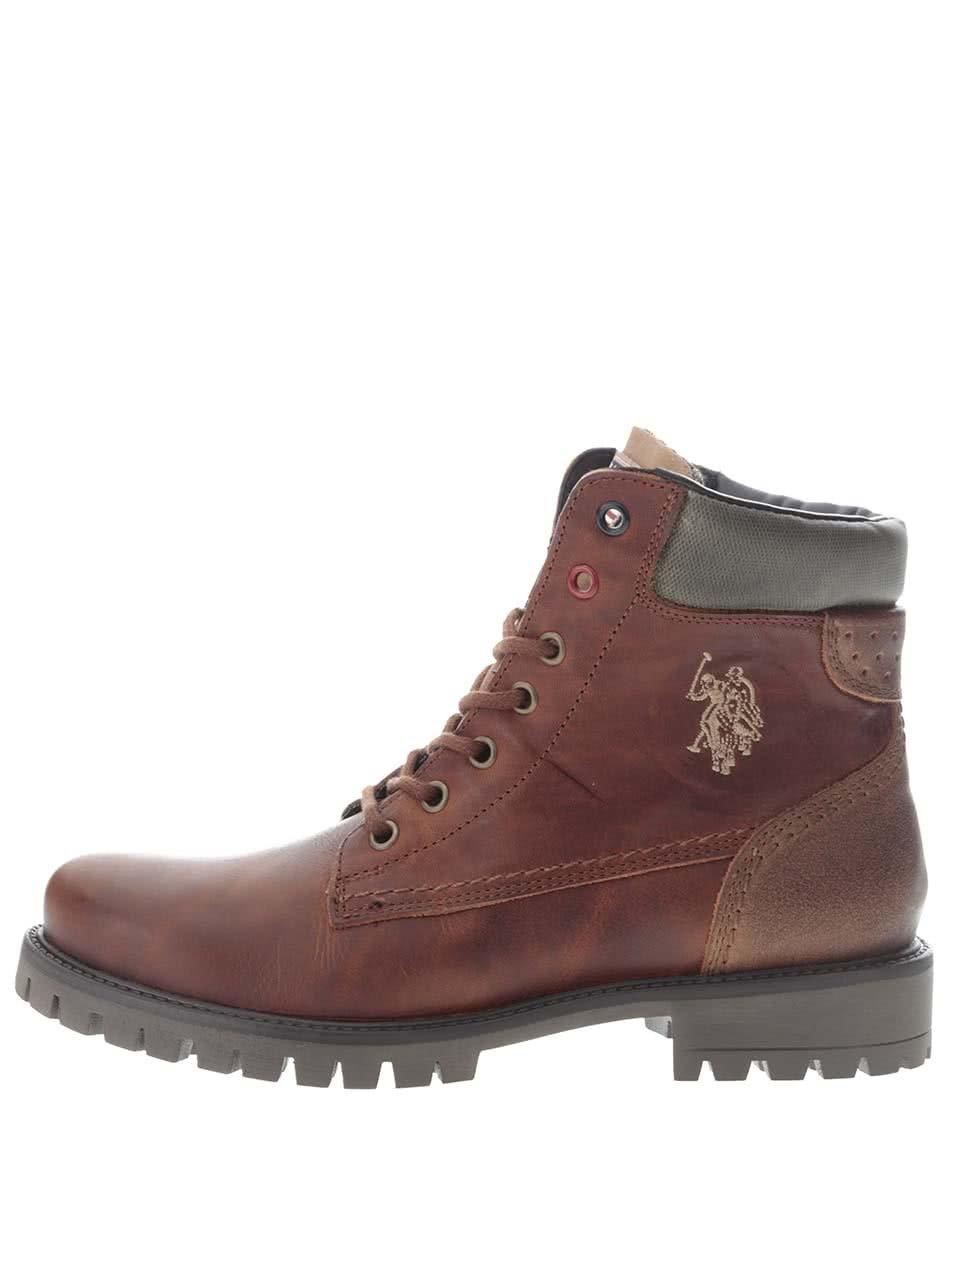 156a3cf2ff09 Hnedé dámske kožené členkové topánky U.S. Polo Assn. Paige ...